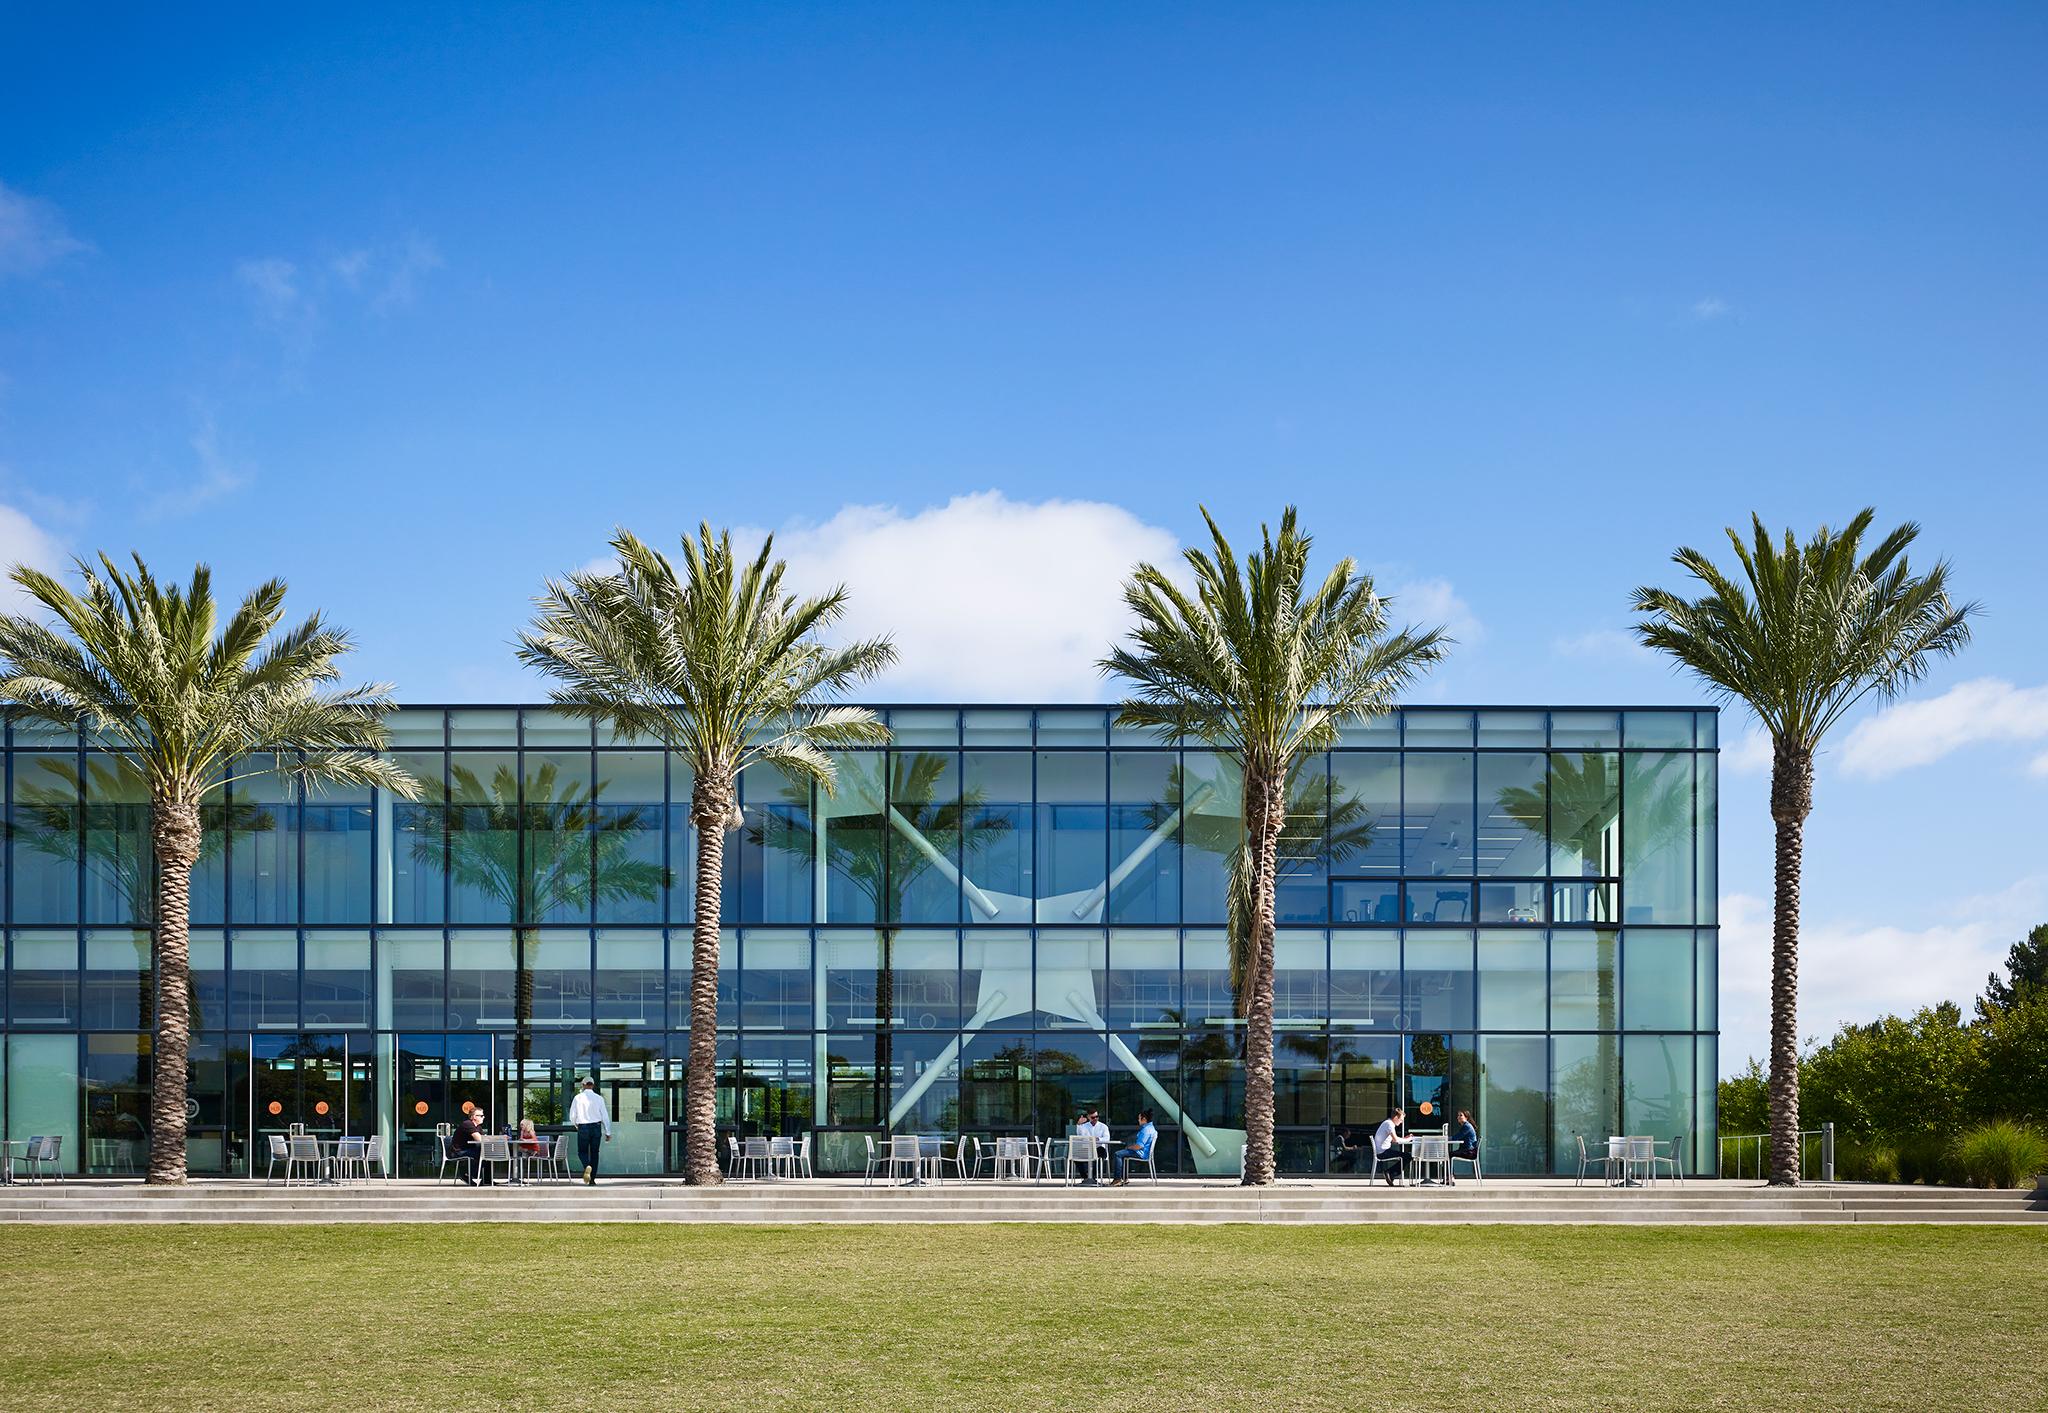 Pacific Center Campus